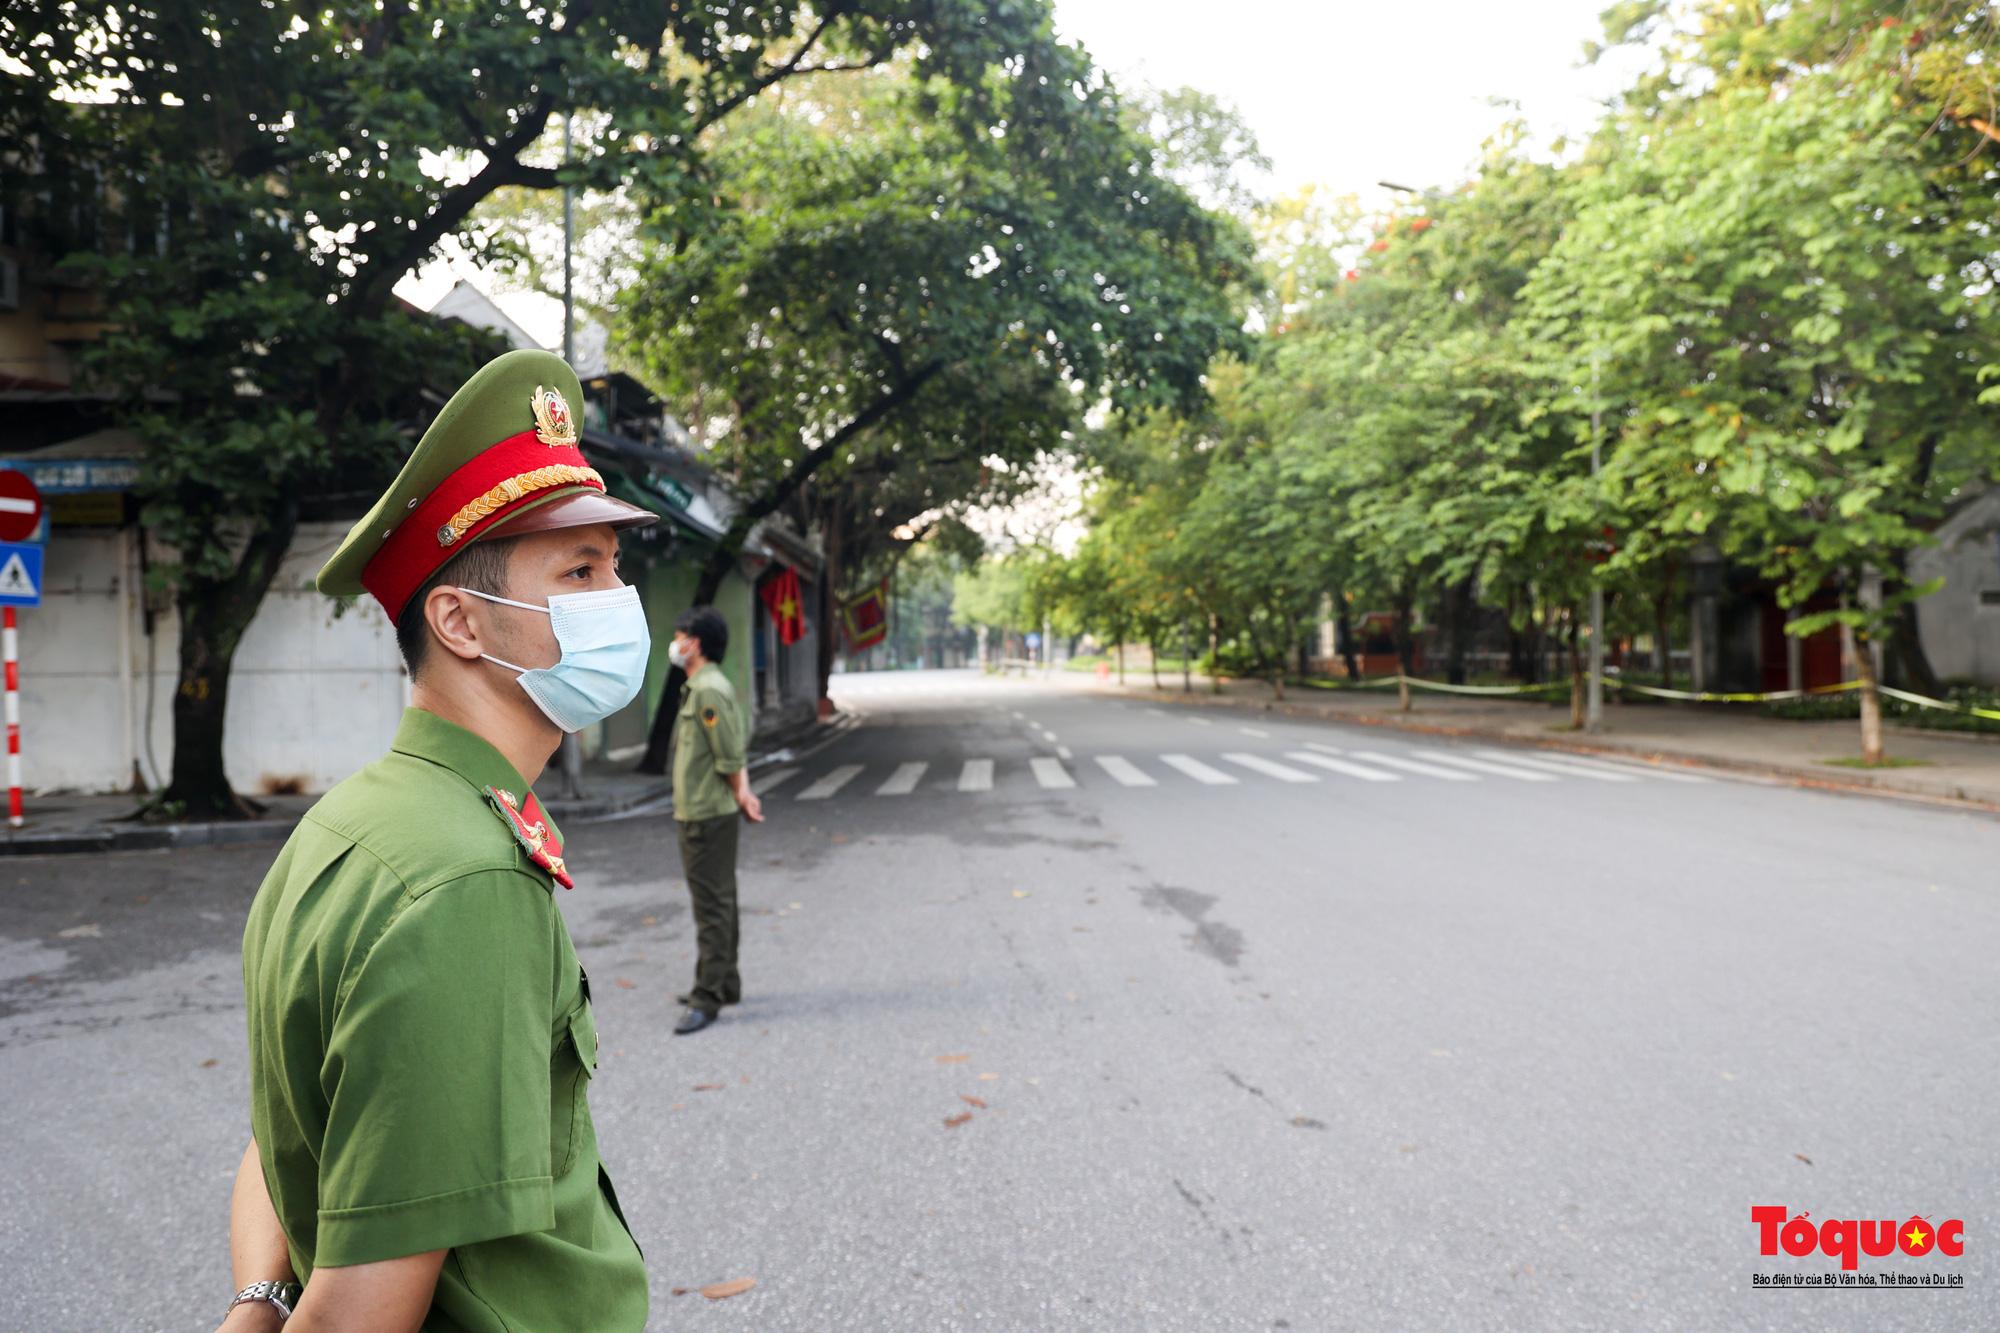 Đường phố Hà Nội vắng vẻ trong ngày đầu thực hiện giãn cách toàn xã hội - Ảnh 6.